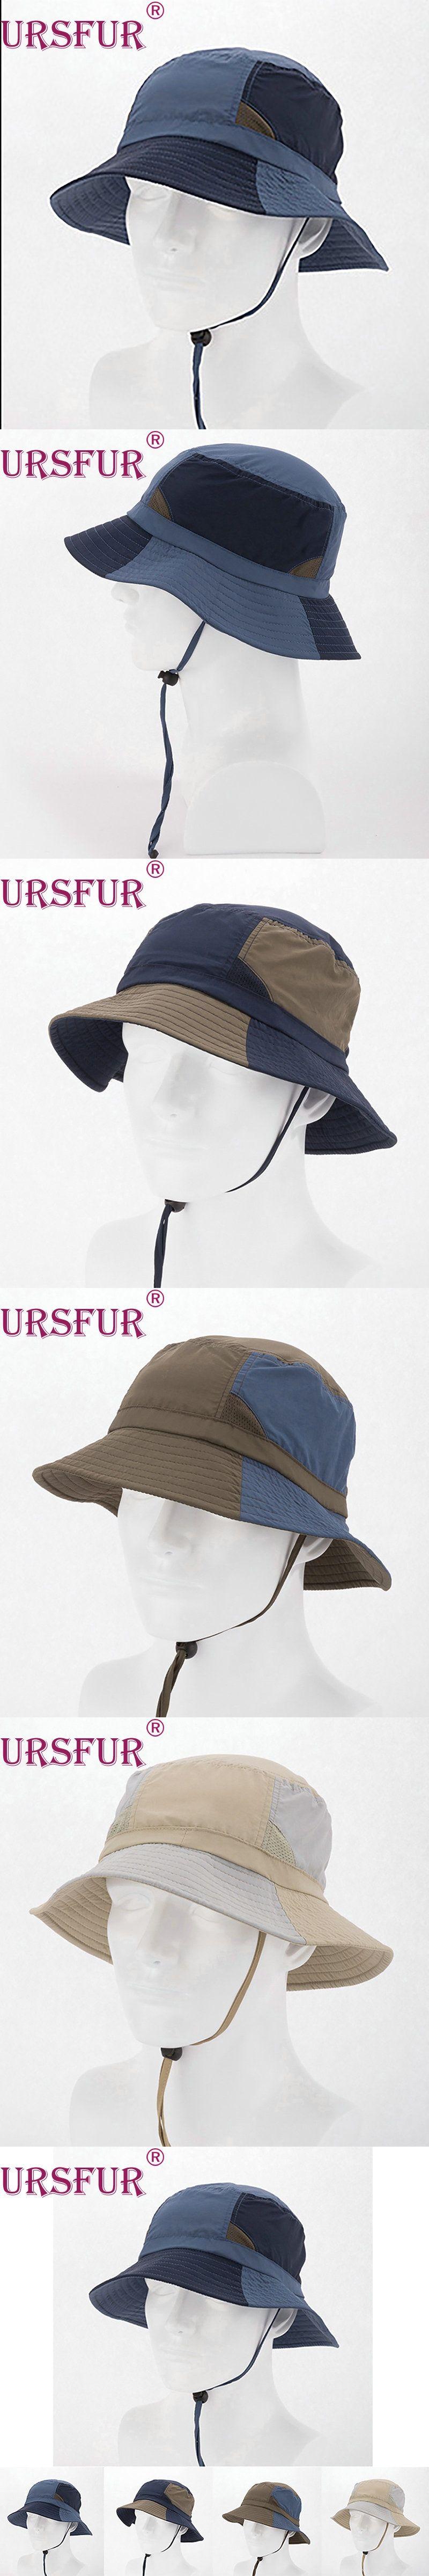 c8199ea9f6a URSFUR Men s Fisherman Bob Summer Bucket Hat Spliced Wide Brim Hat Sun Cap  Men trekking Sombrero